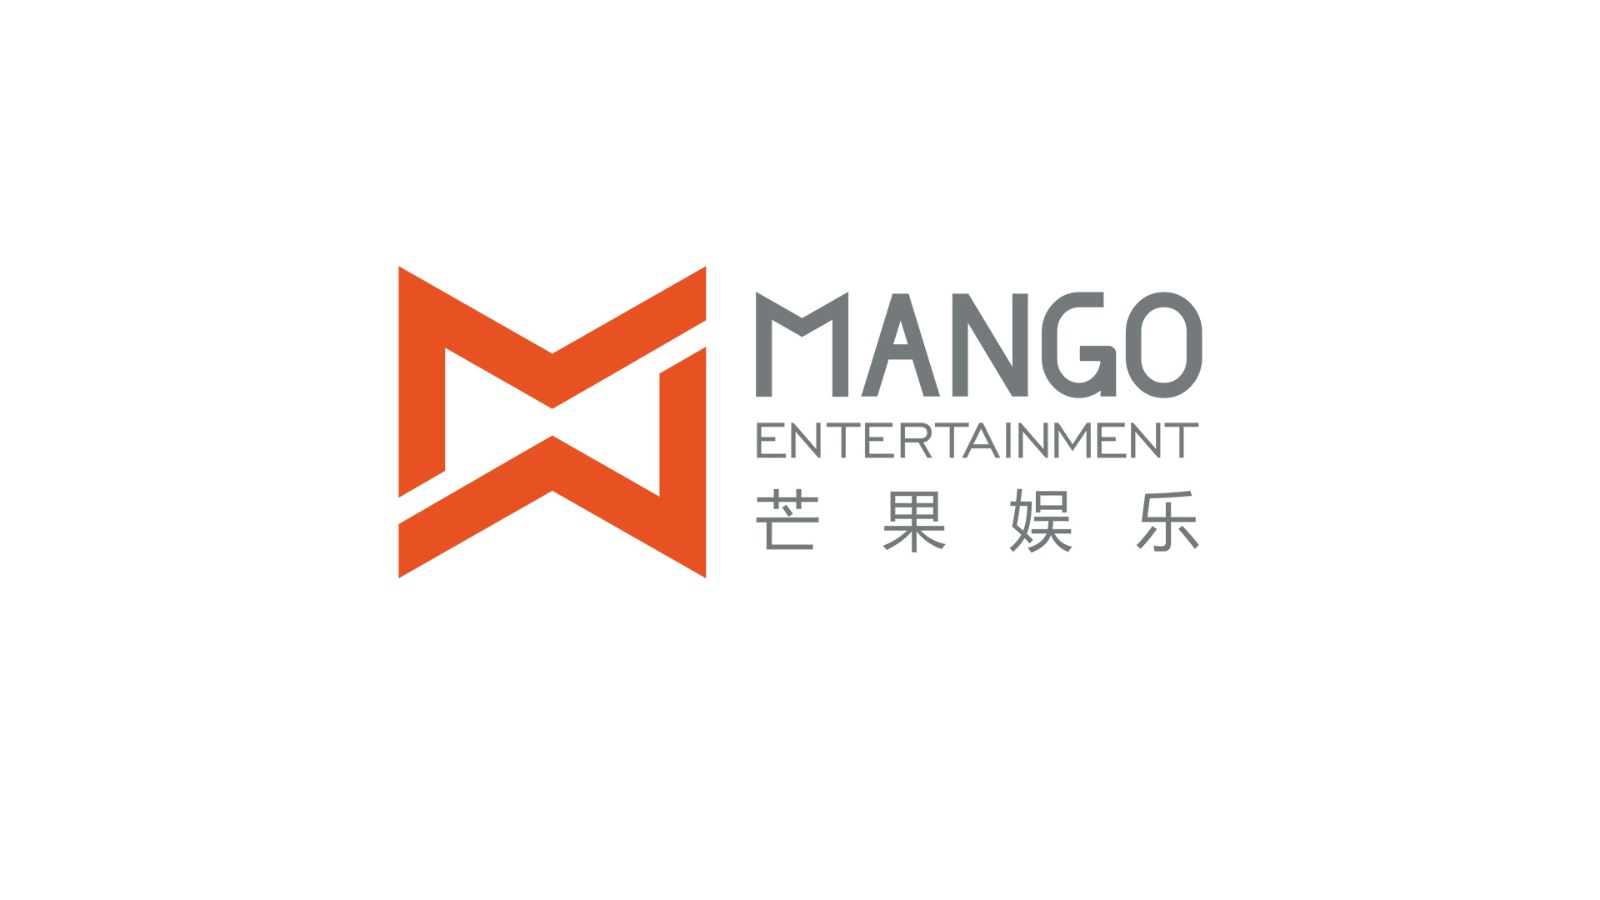 湖南芒果娱乐有限公司